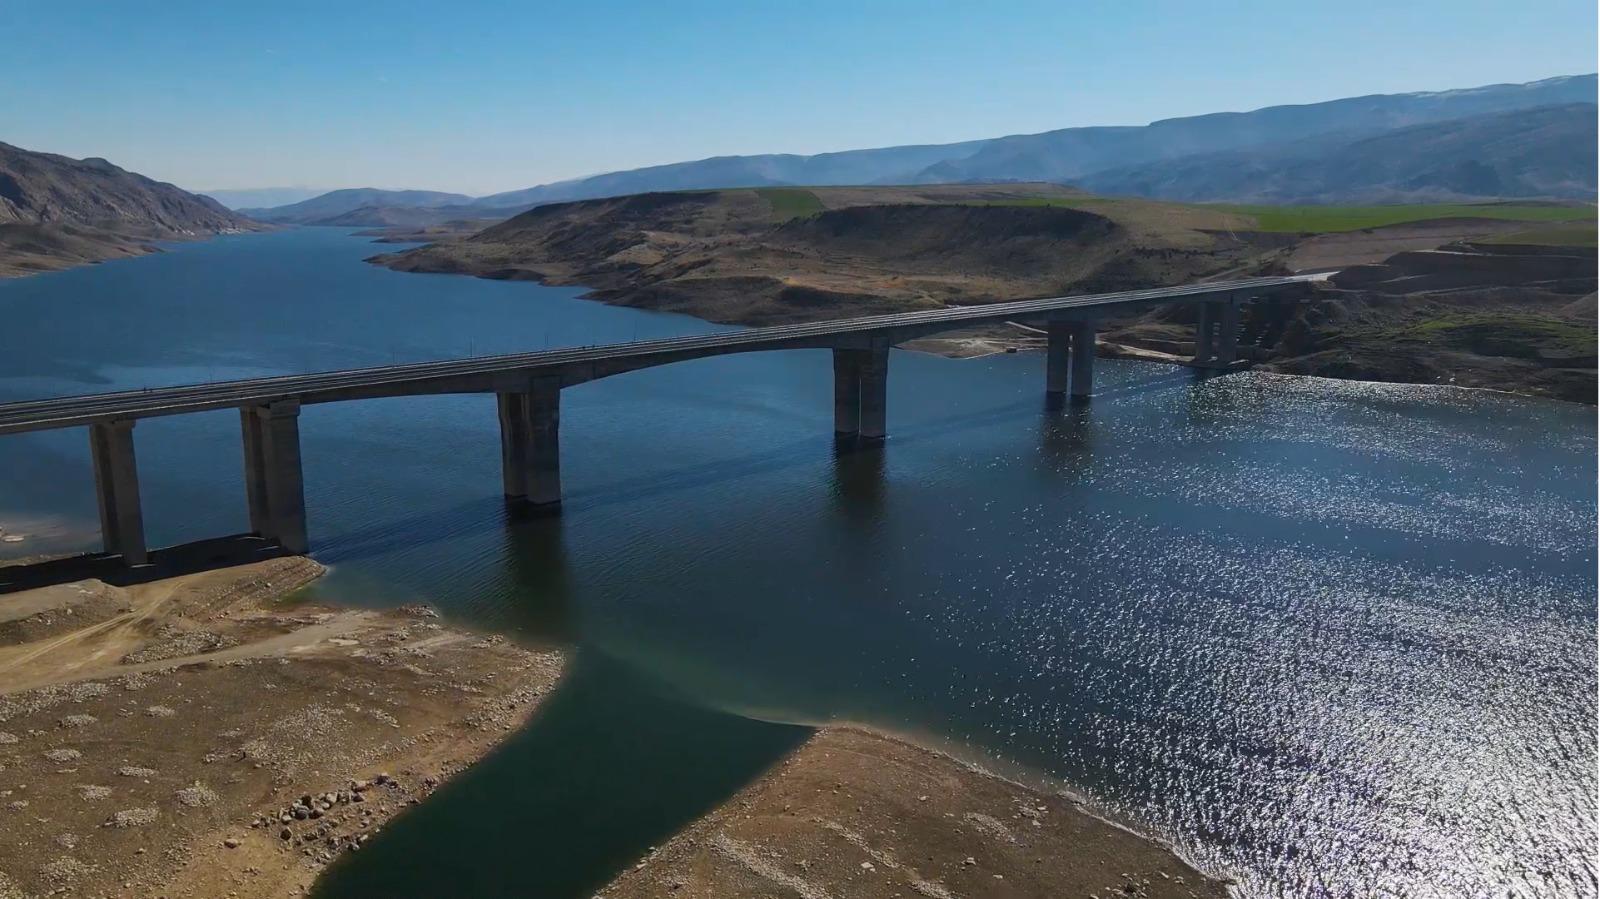 Türkiye'nin en uzun köprüleri arasında! Hasankeyf-2 Köprüsü yarın açılacak